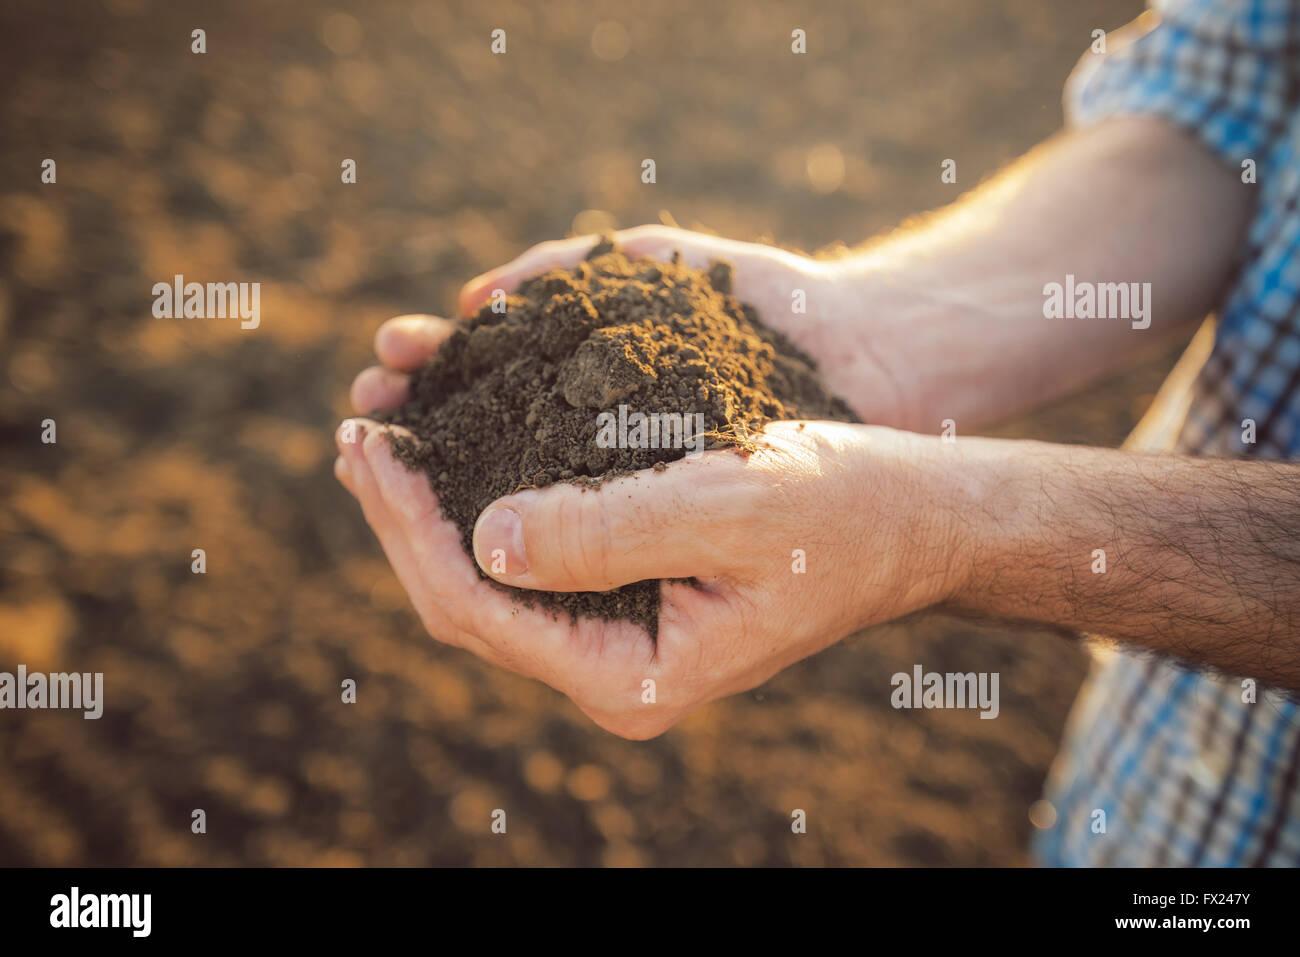 Los agricultores titulares de montón de tierra arable en manos, responsable y sostenible de la producción Imagen De Stock